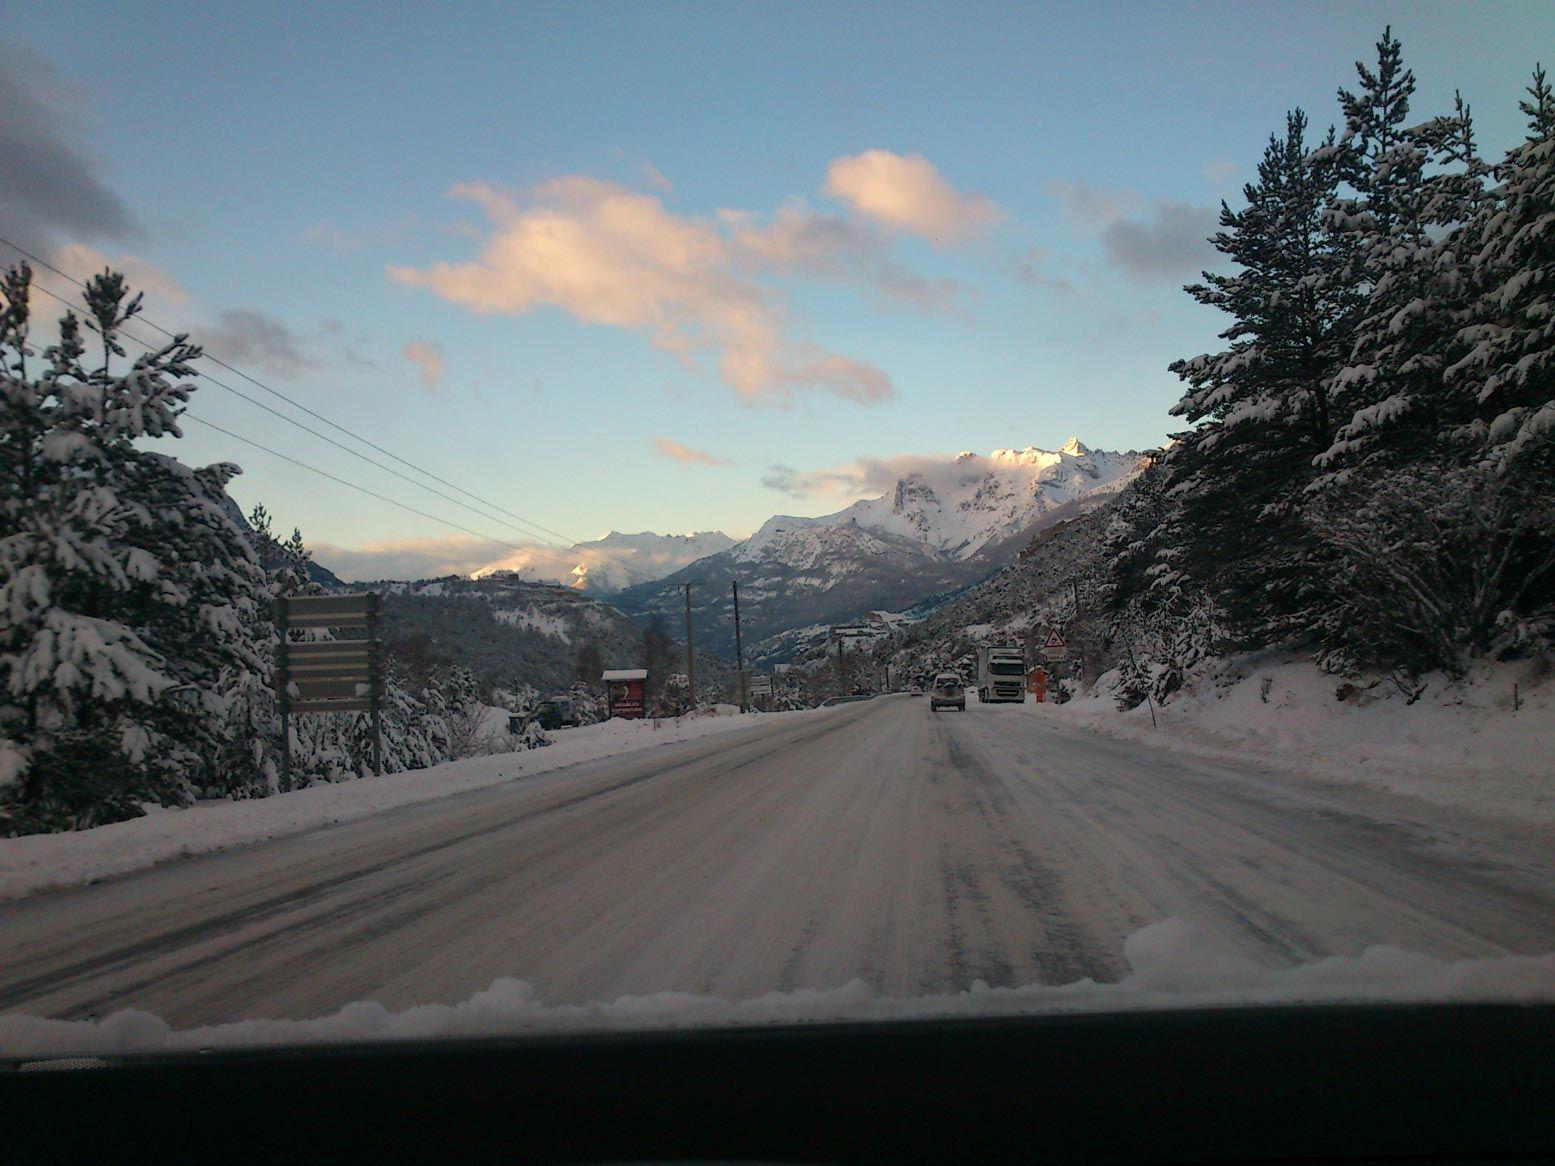 Les conducteurs Resalp sont formés à la conduite sur #neige en #montagne en toute sécurité